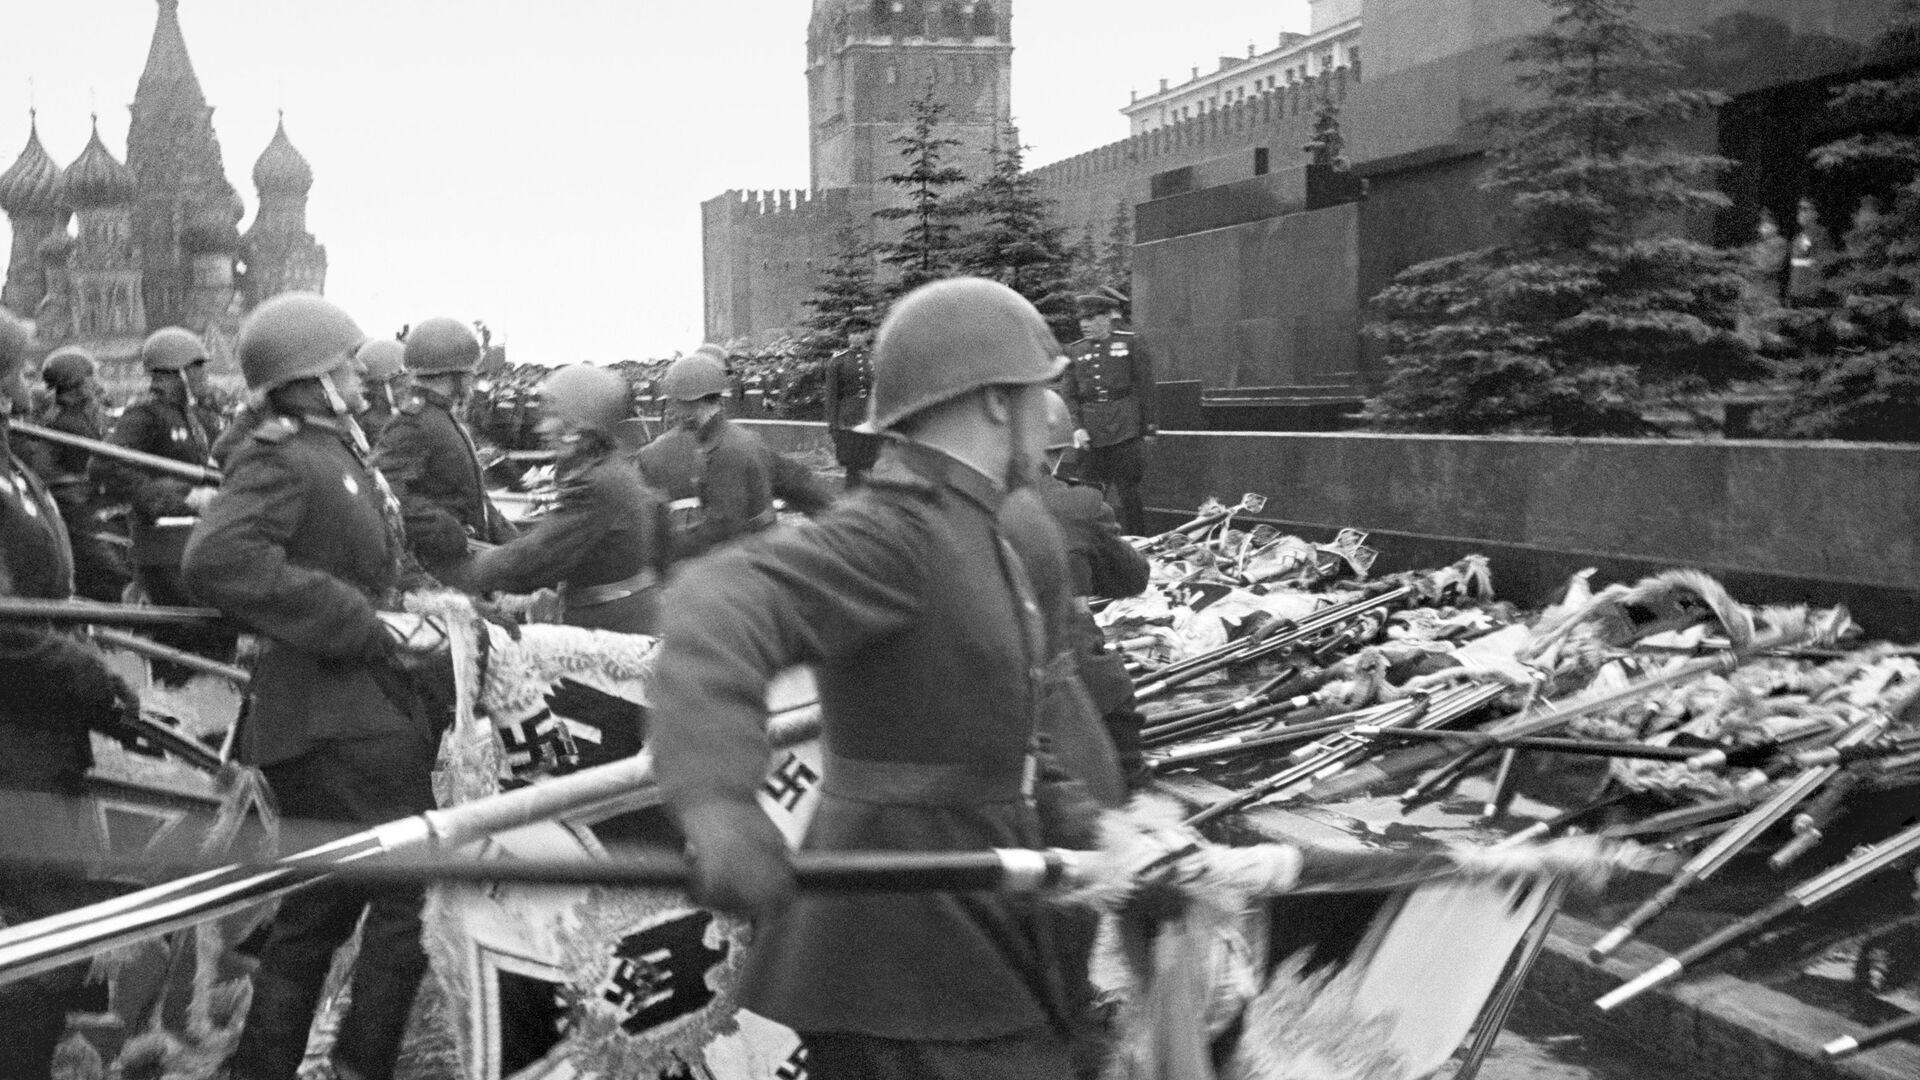 Москва. 1945 г. Парад Победы. Знамёна поверженных фашистских армий падают к стенам Кремля. - РИА Новости, 1920, 25.12.2020